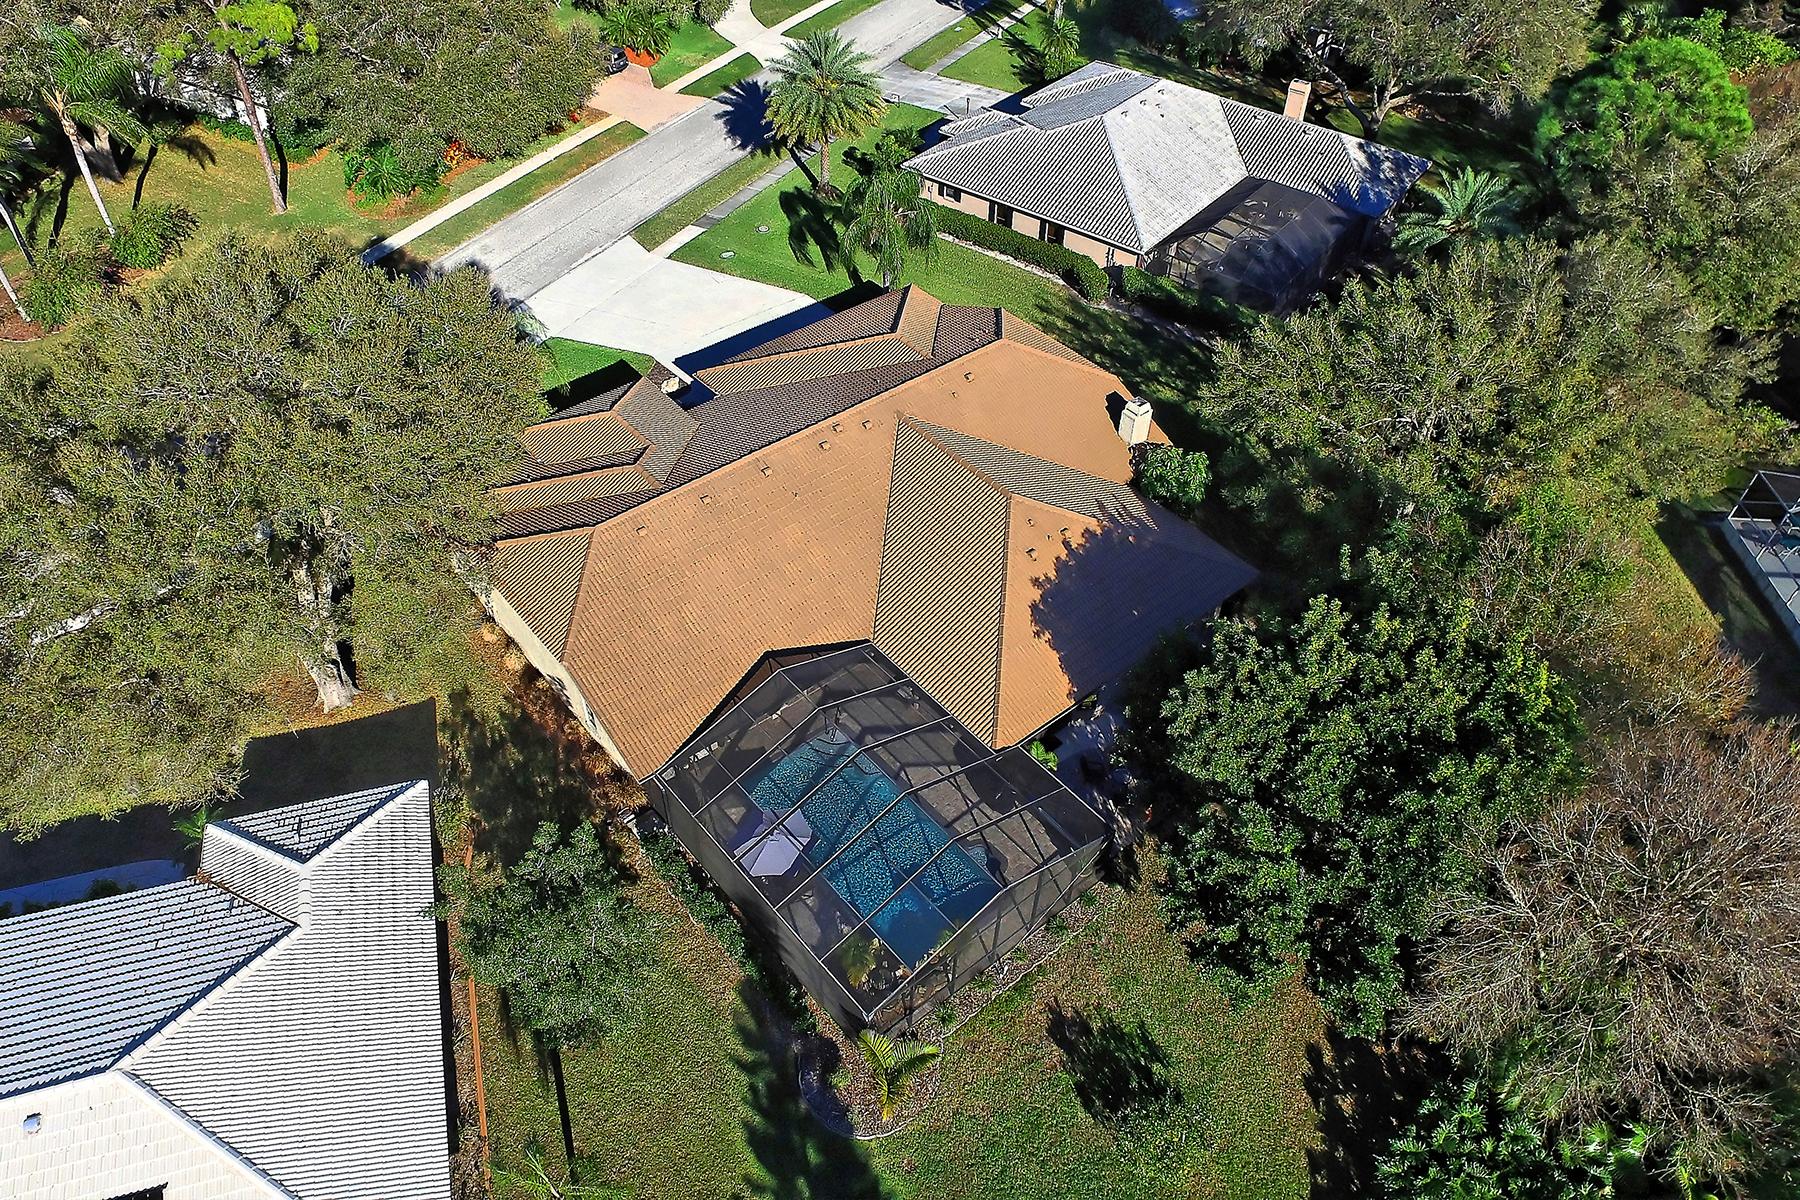 Casa Unifamiliar por un Venta en SORRENTO WOODS 1309 Vermeer Dr Nokomis, Florida, 34275 Estados Unidos